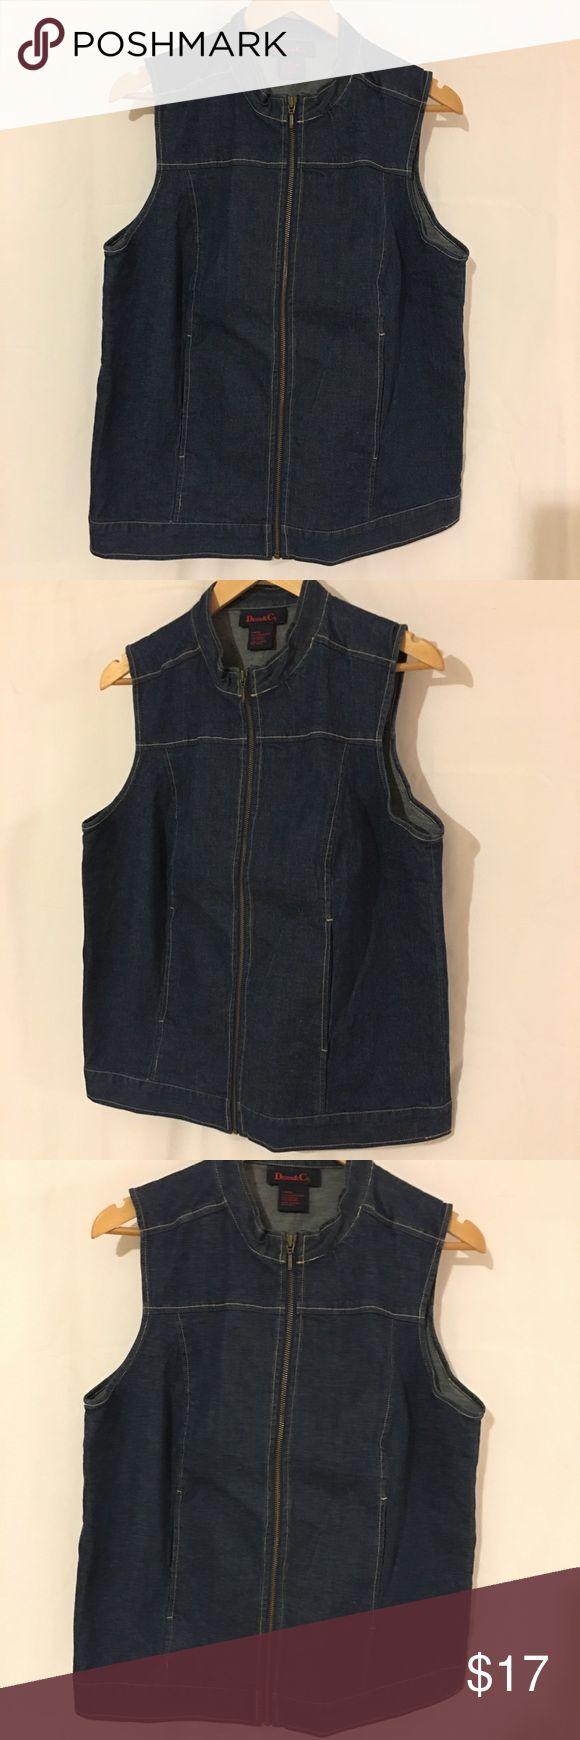 Denim Zip Up Vest Dark Wash Size Large Denim Zip Up Vest Dark Wash Size Large  Please see pictures for measurements.            Ref:binAo#row50ooq Jackets & Coats Vests